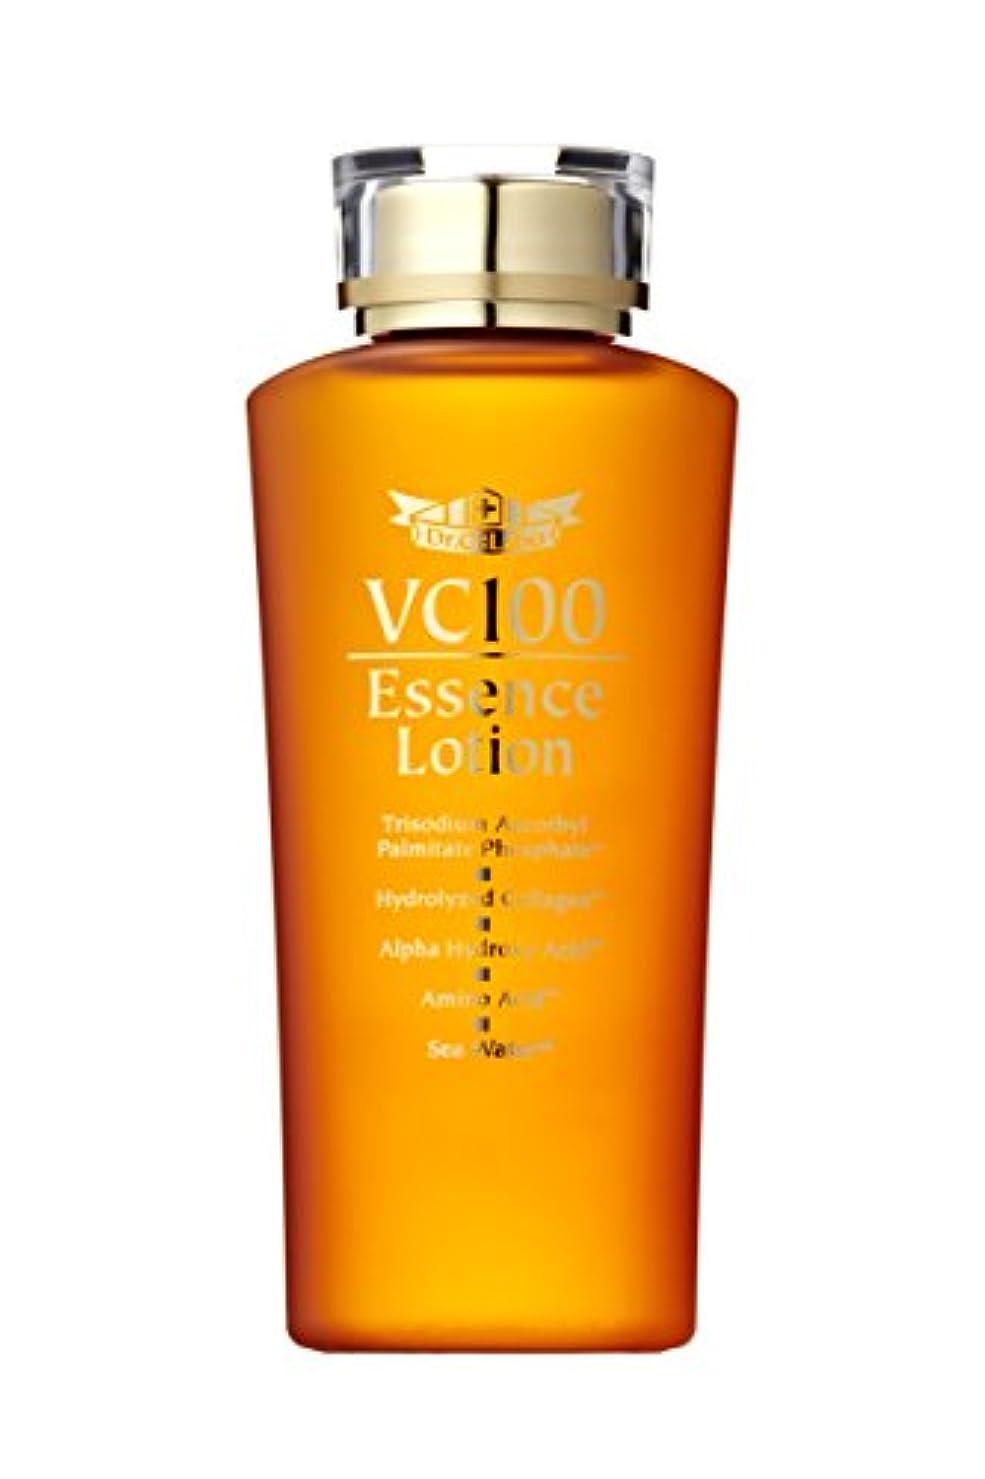 公使館垂直郵便屋さんドクターシーラボ VC100エッセンスローション 高濃度ビタミンC 化粧水 単品 150ml